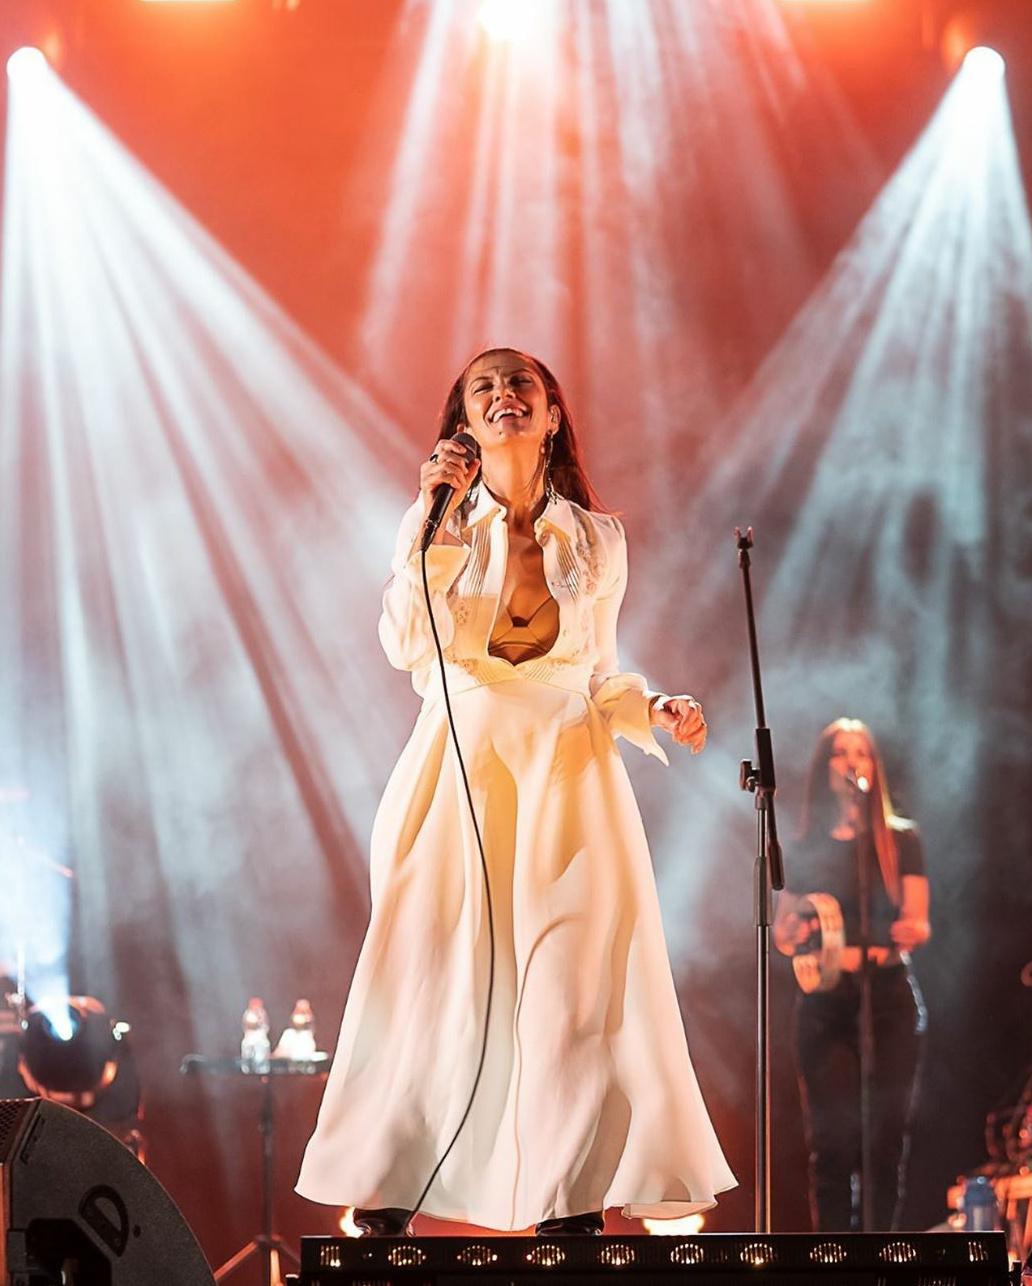 Voglia di musica? Ecco i concerti di ottobre 2020, Elisa, Bocelli, Bugo e tanti altri